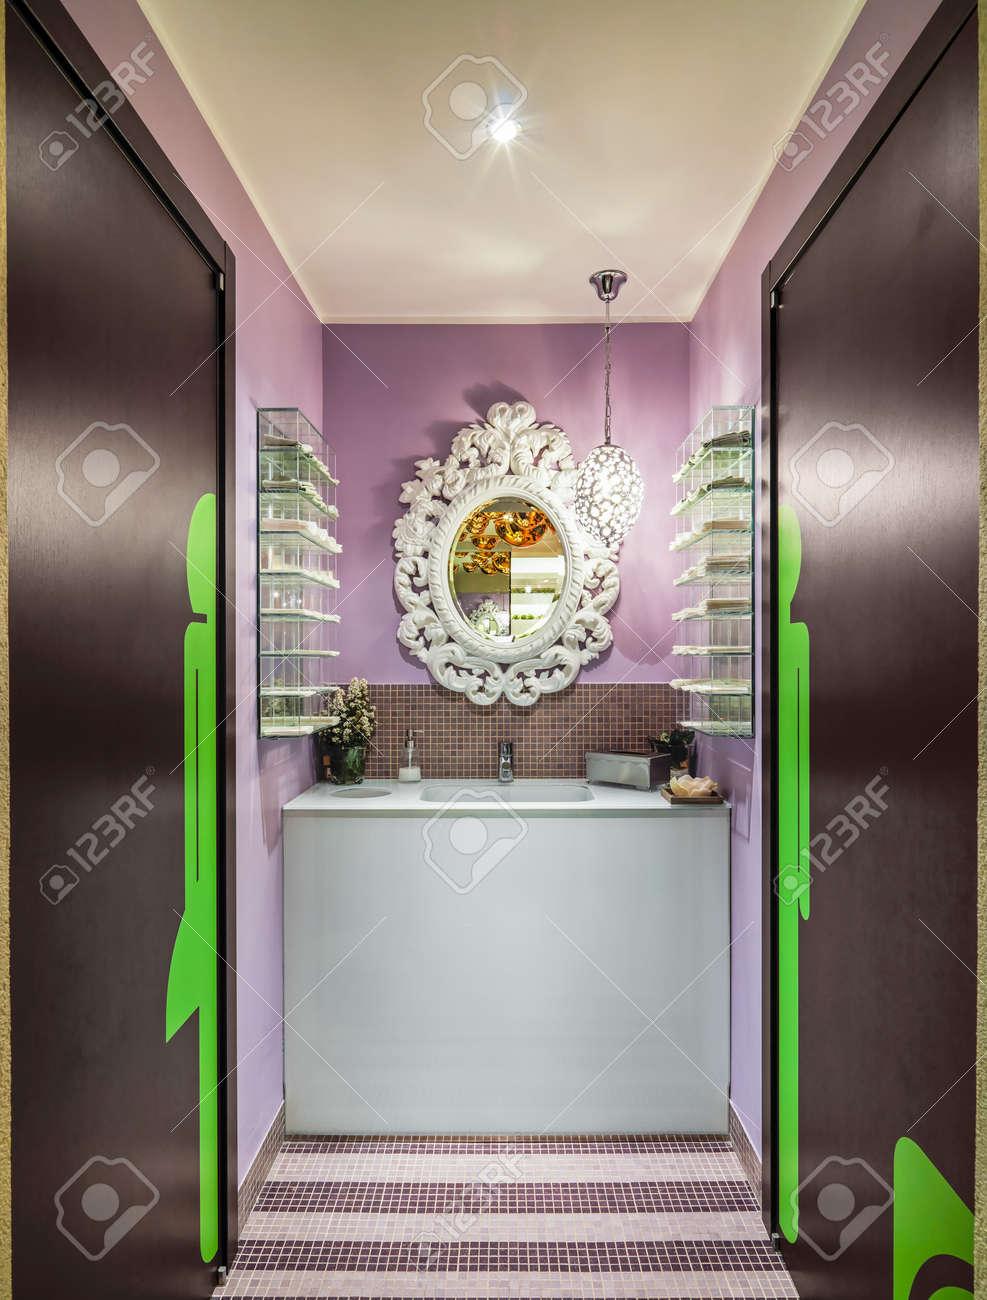 Primo piano di un lavandino in bagno moderno colorato